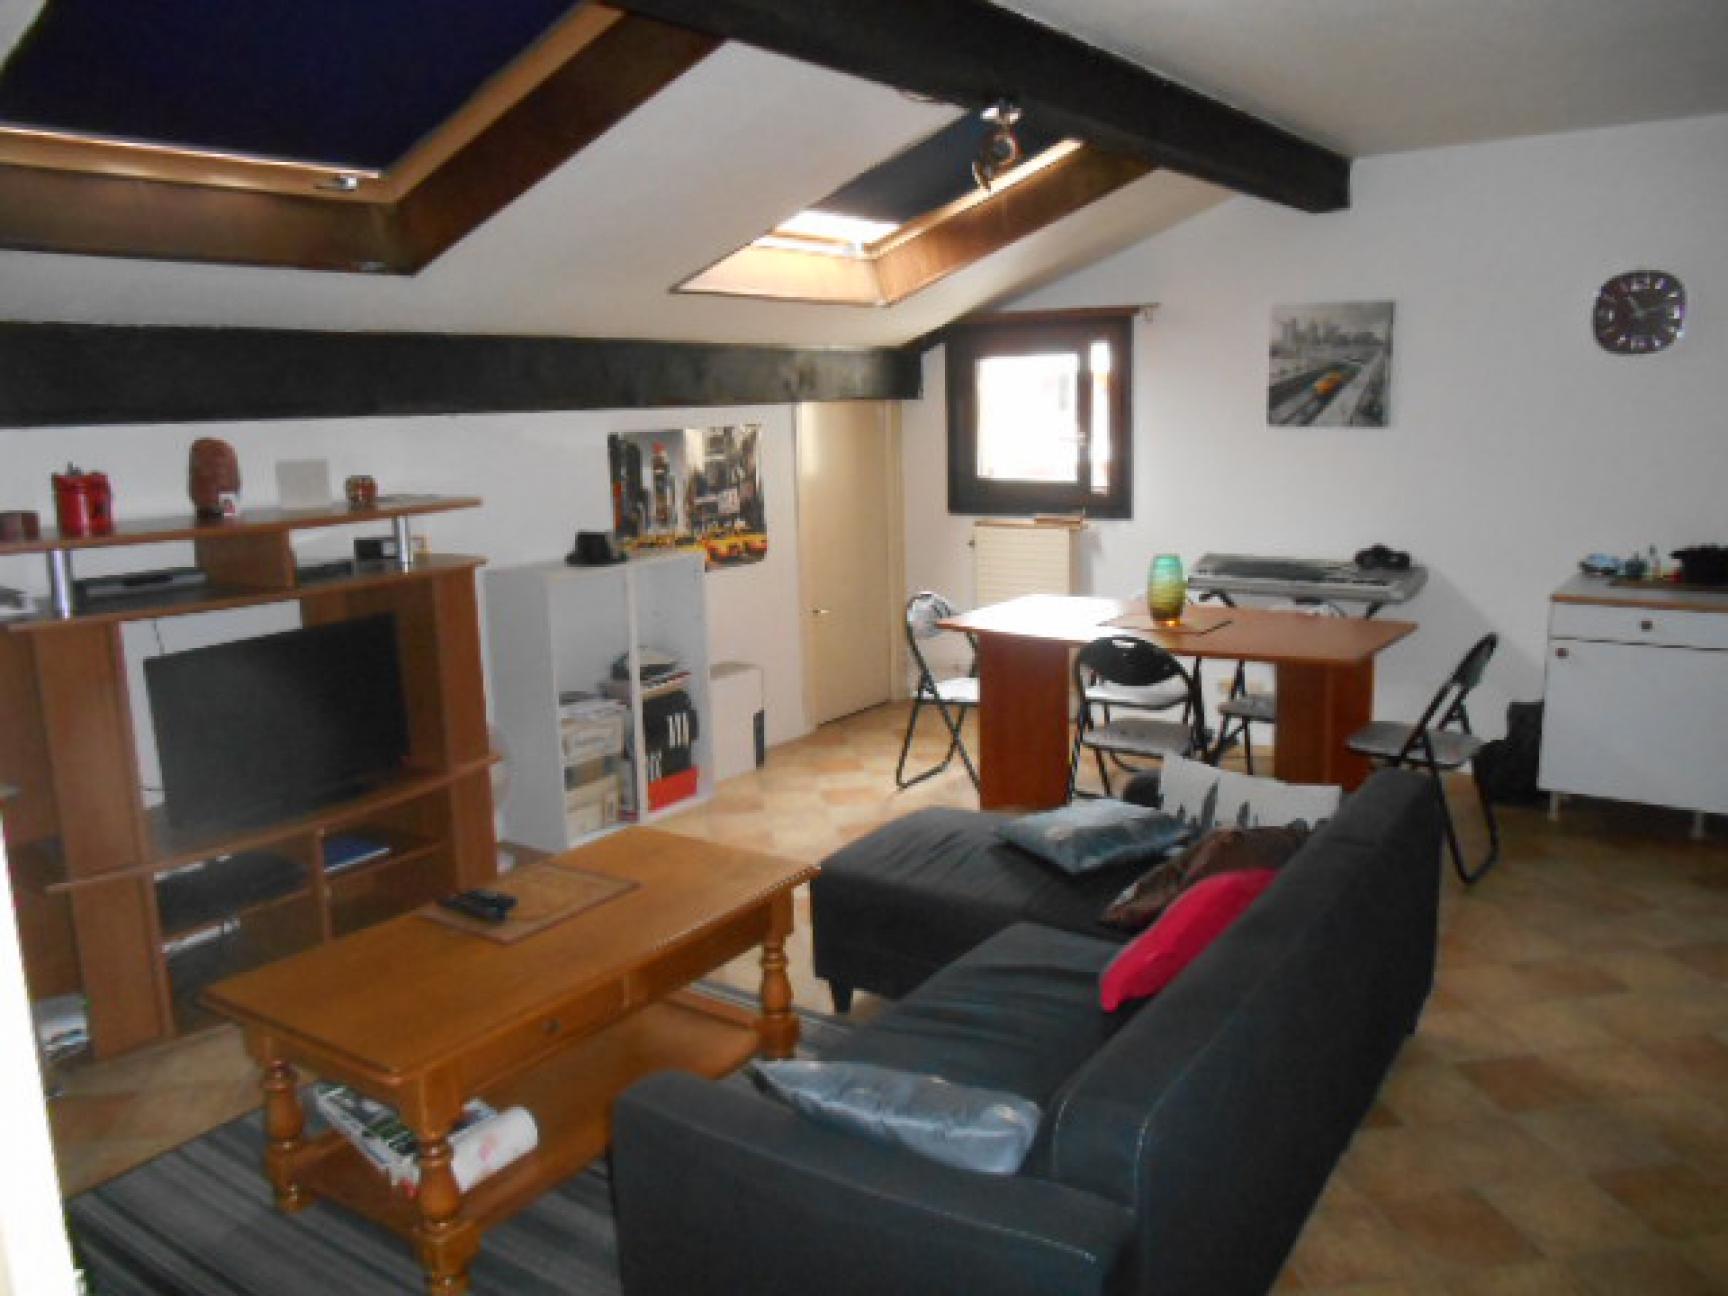 annonce vente appartement thonon les bains 74200 59 m 139 000 992726229259. Black Bedroom Furniture Sets. Home Design Ideas